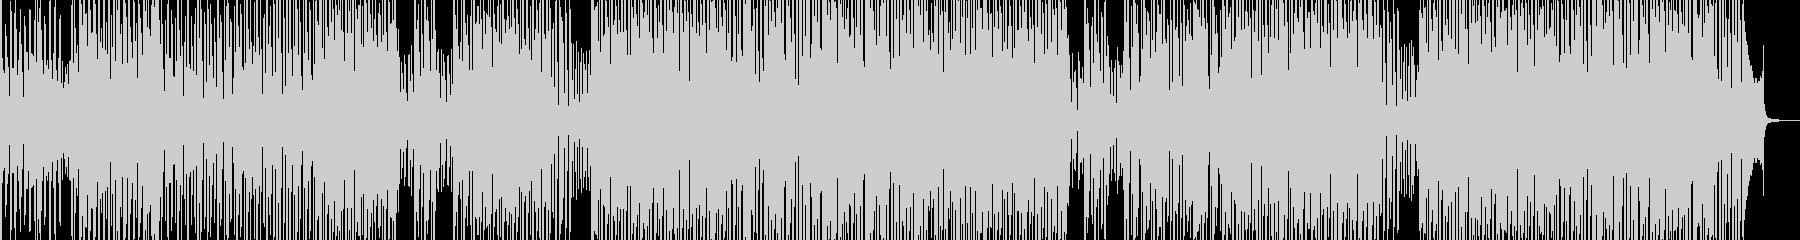 トロピカルな雰囲気に合うテクノ 短尺★の未再生の波形